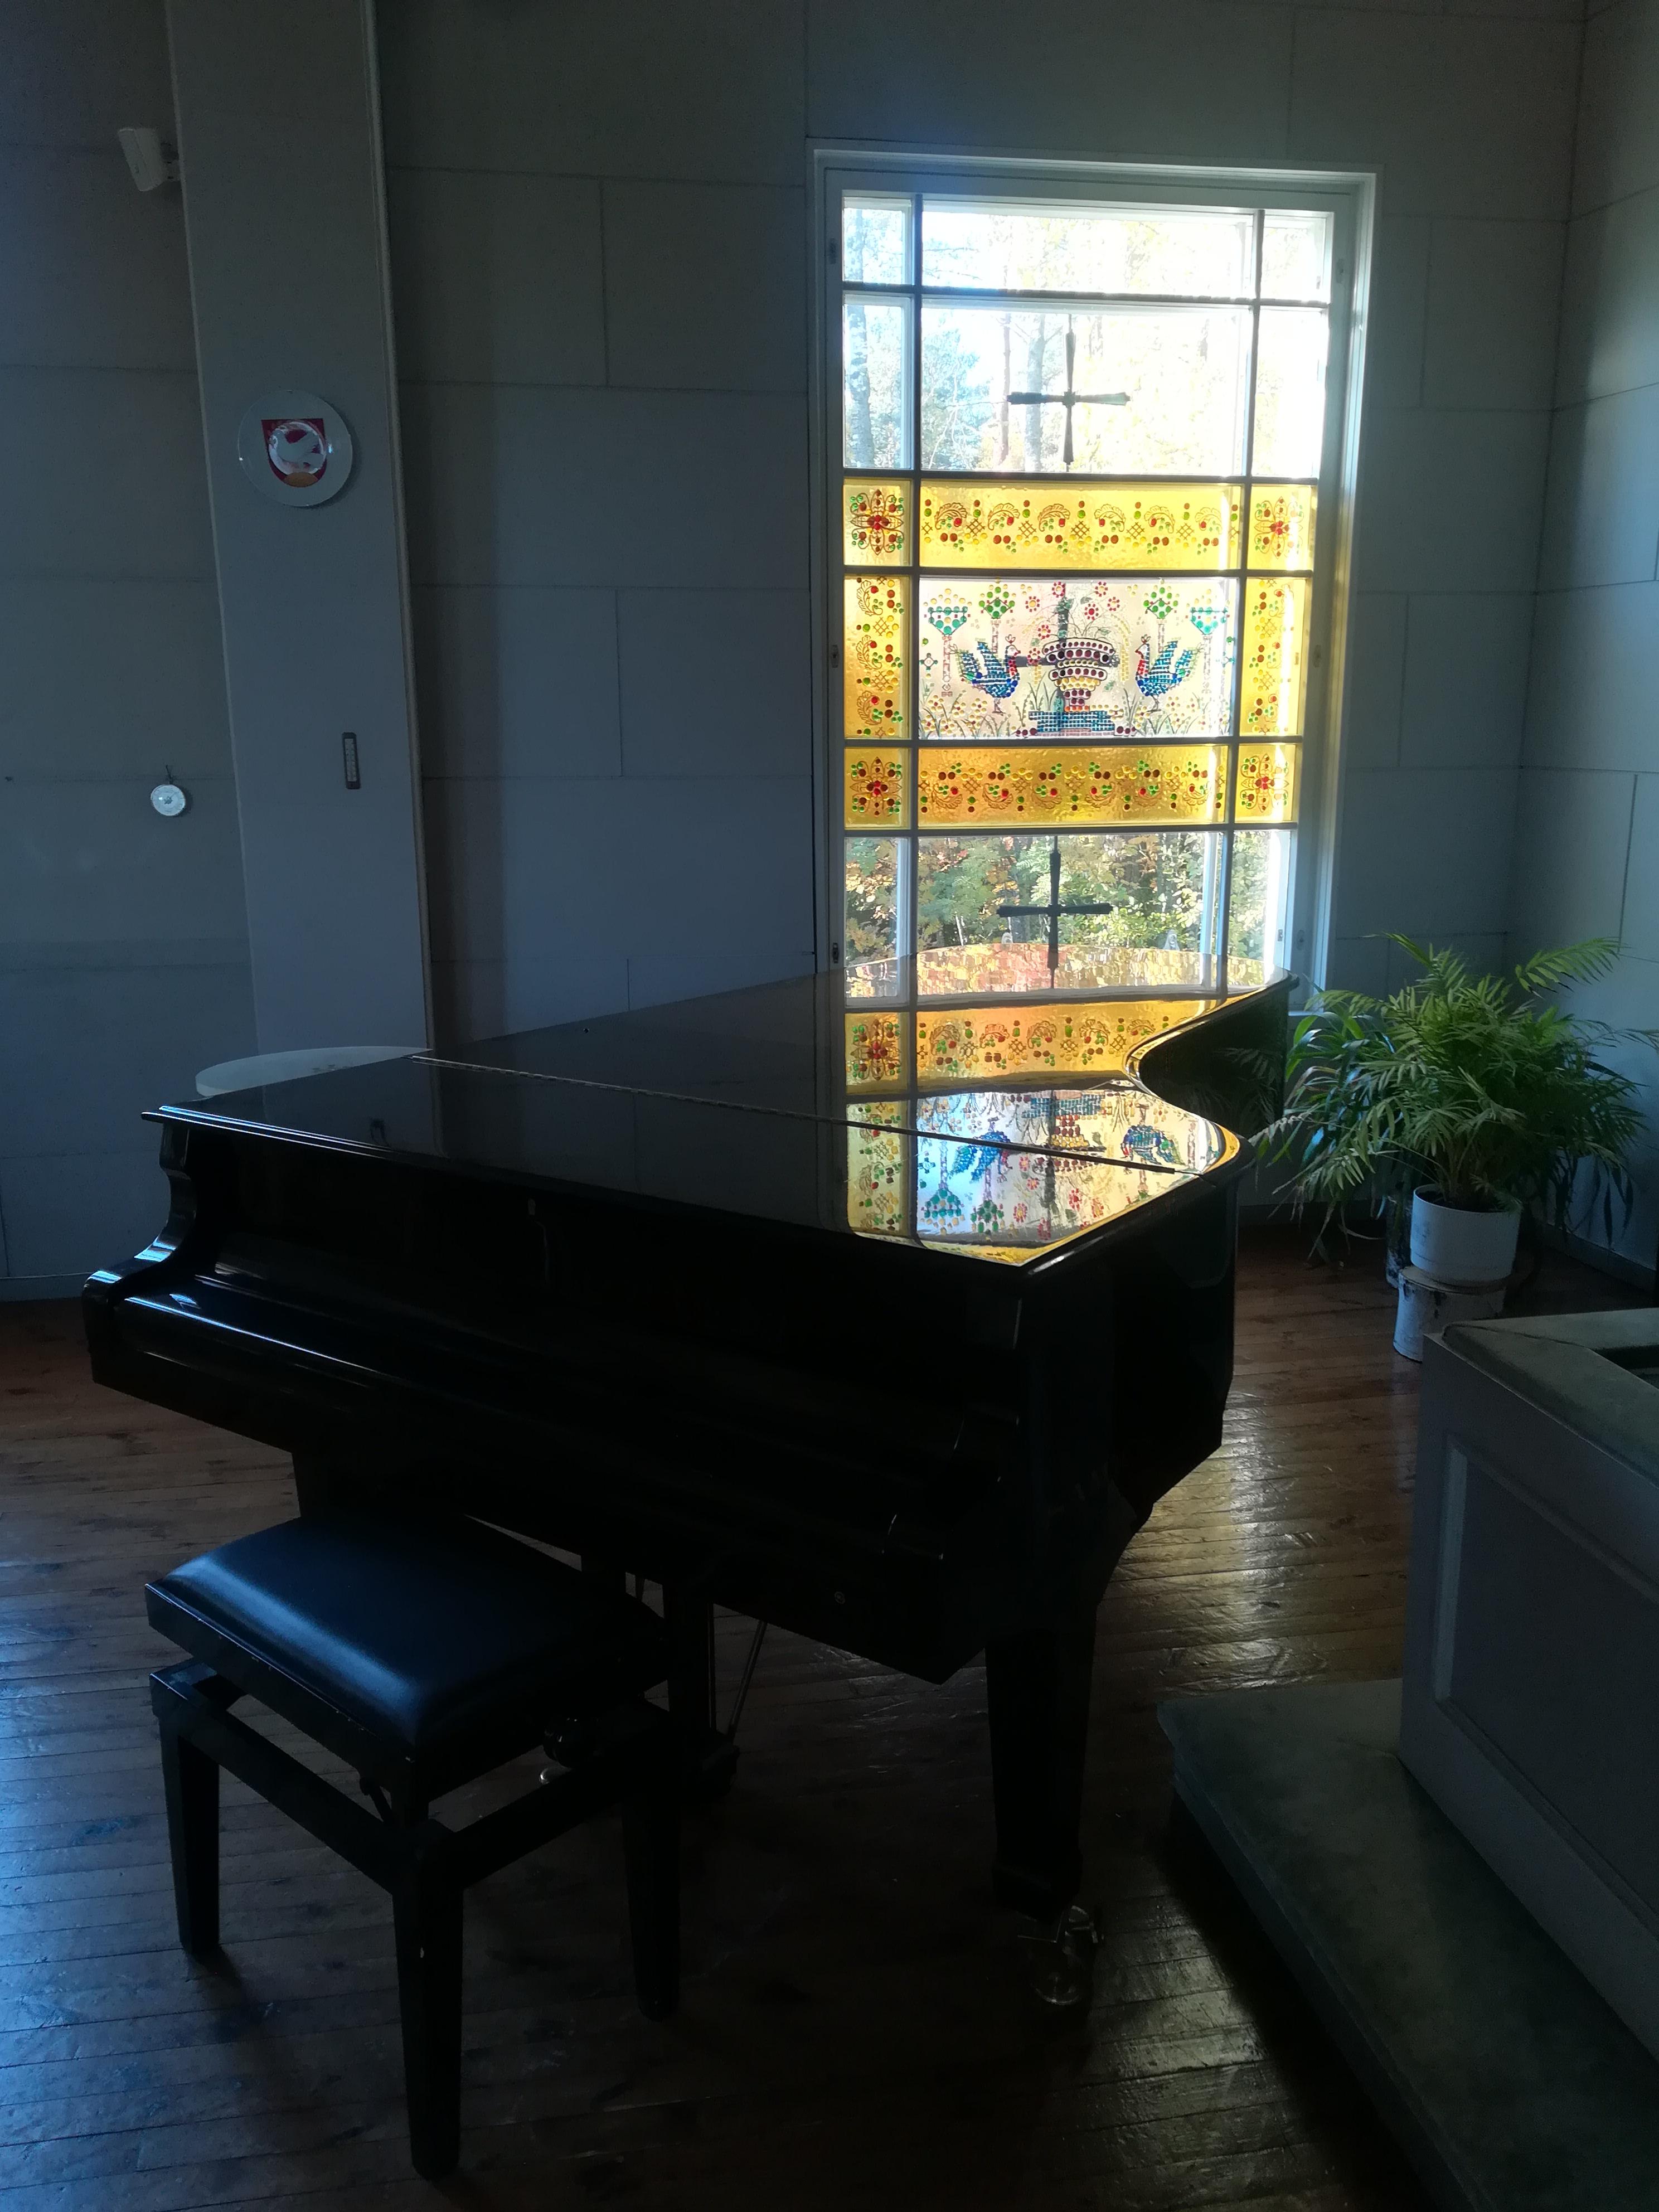 Flyygeli konsertteja varten. Taustalla kaunis lasimaalaus kirkon ikkunassa.